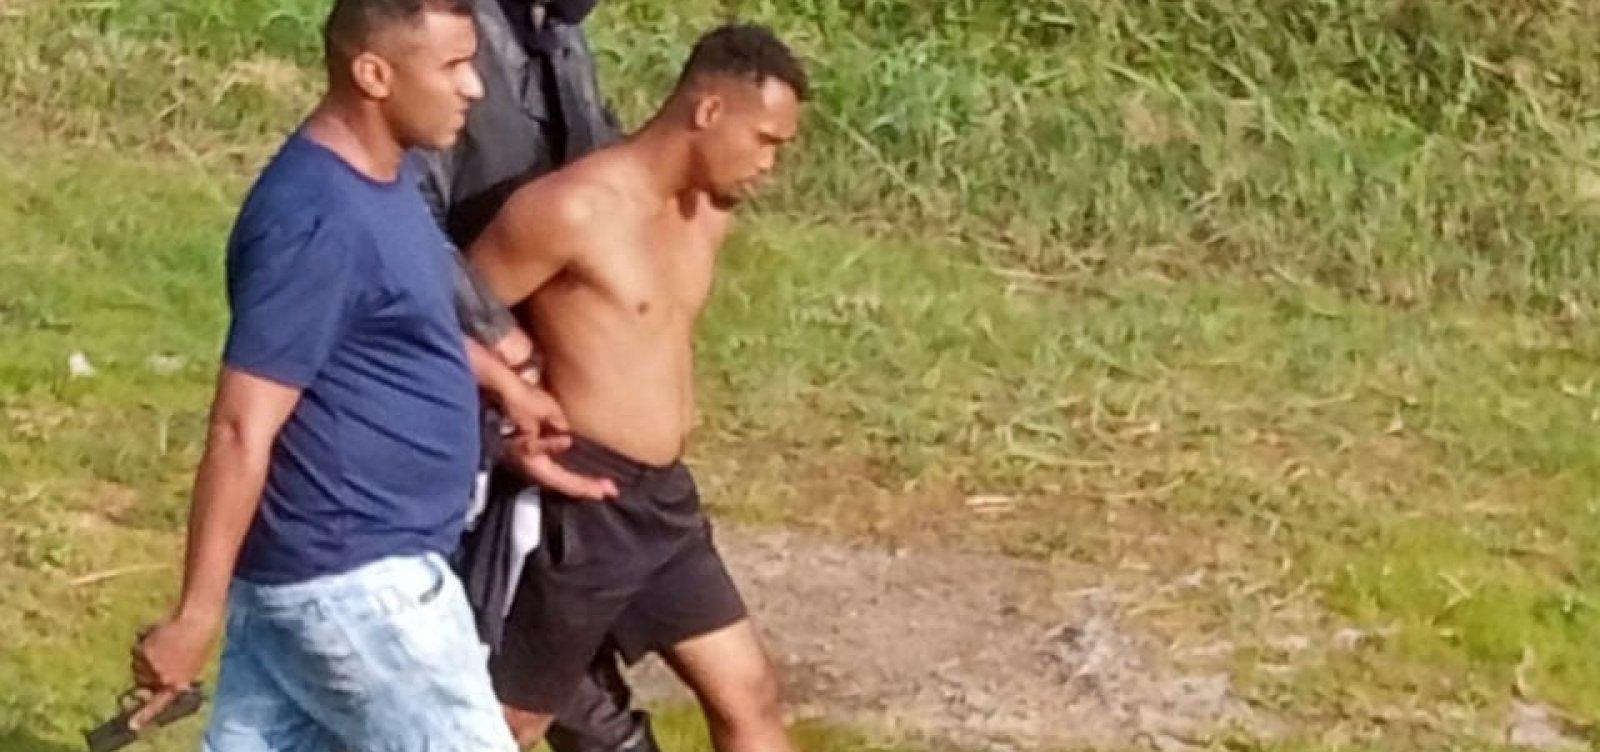 Militar do Exército é autuado em flagrante por homicídio culposo ao provocar acidente na Bonocô